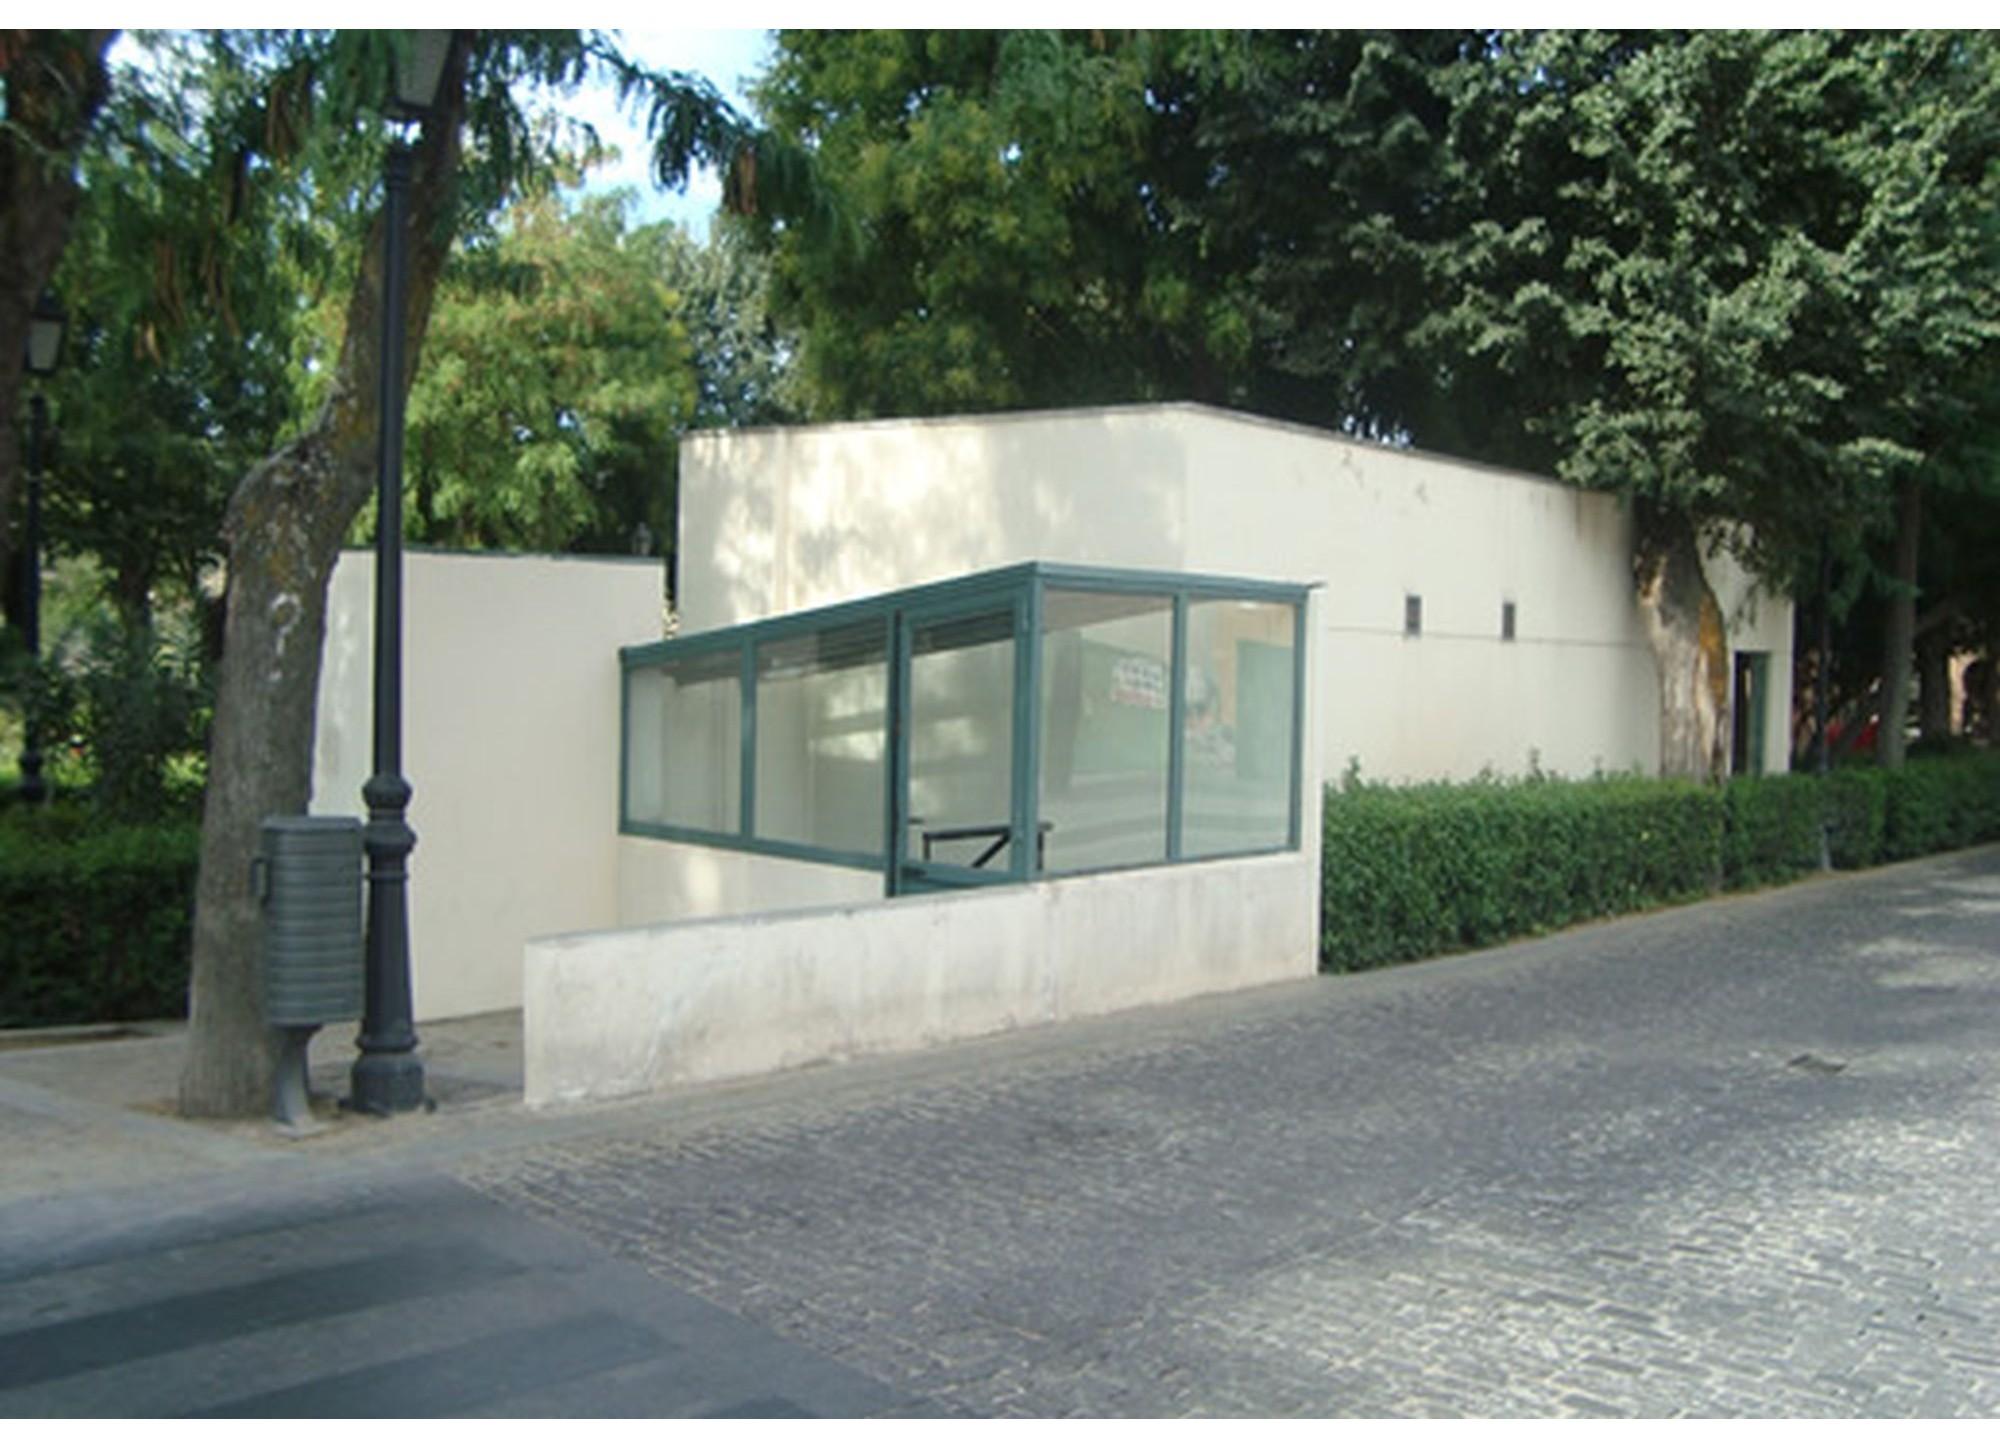 Parque del Tránsito, Aseos públicos en parque del tránsito (Toledo)